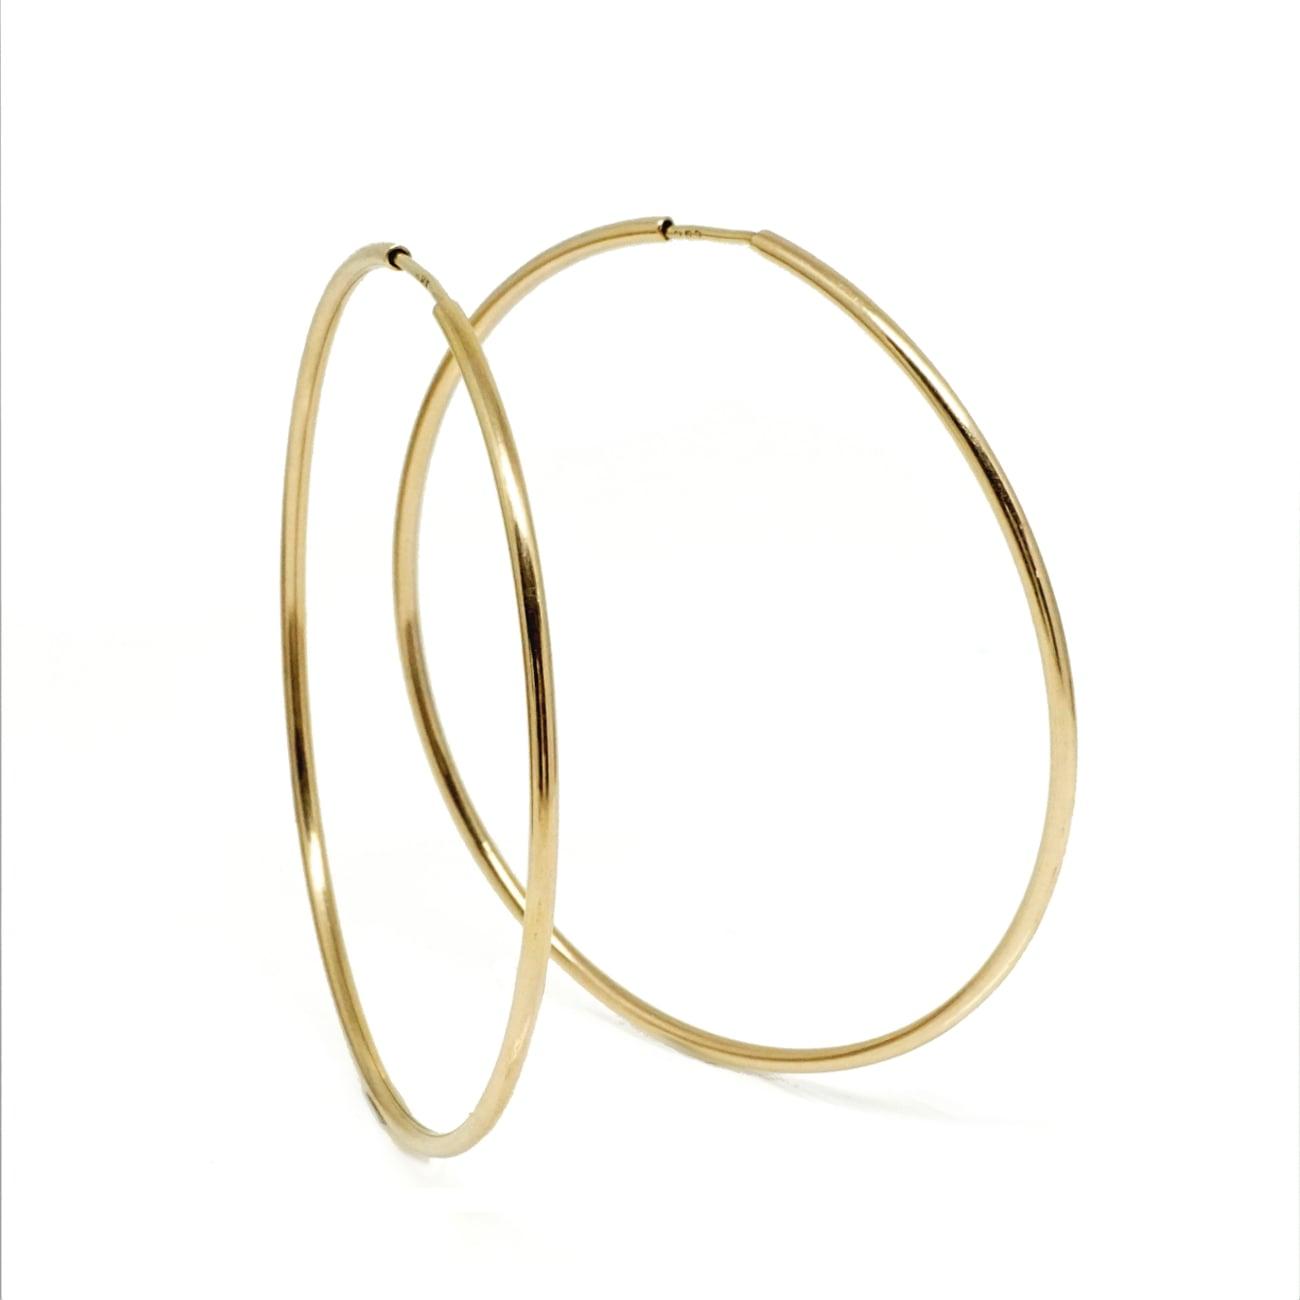 עגילי חישוק זהב דקים גדולים לאישה 6.0 סמ